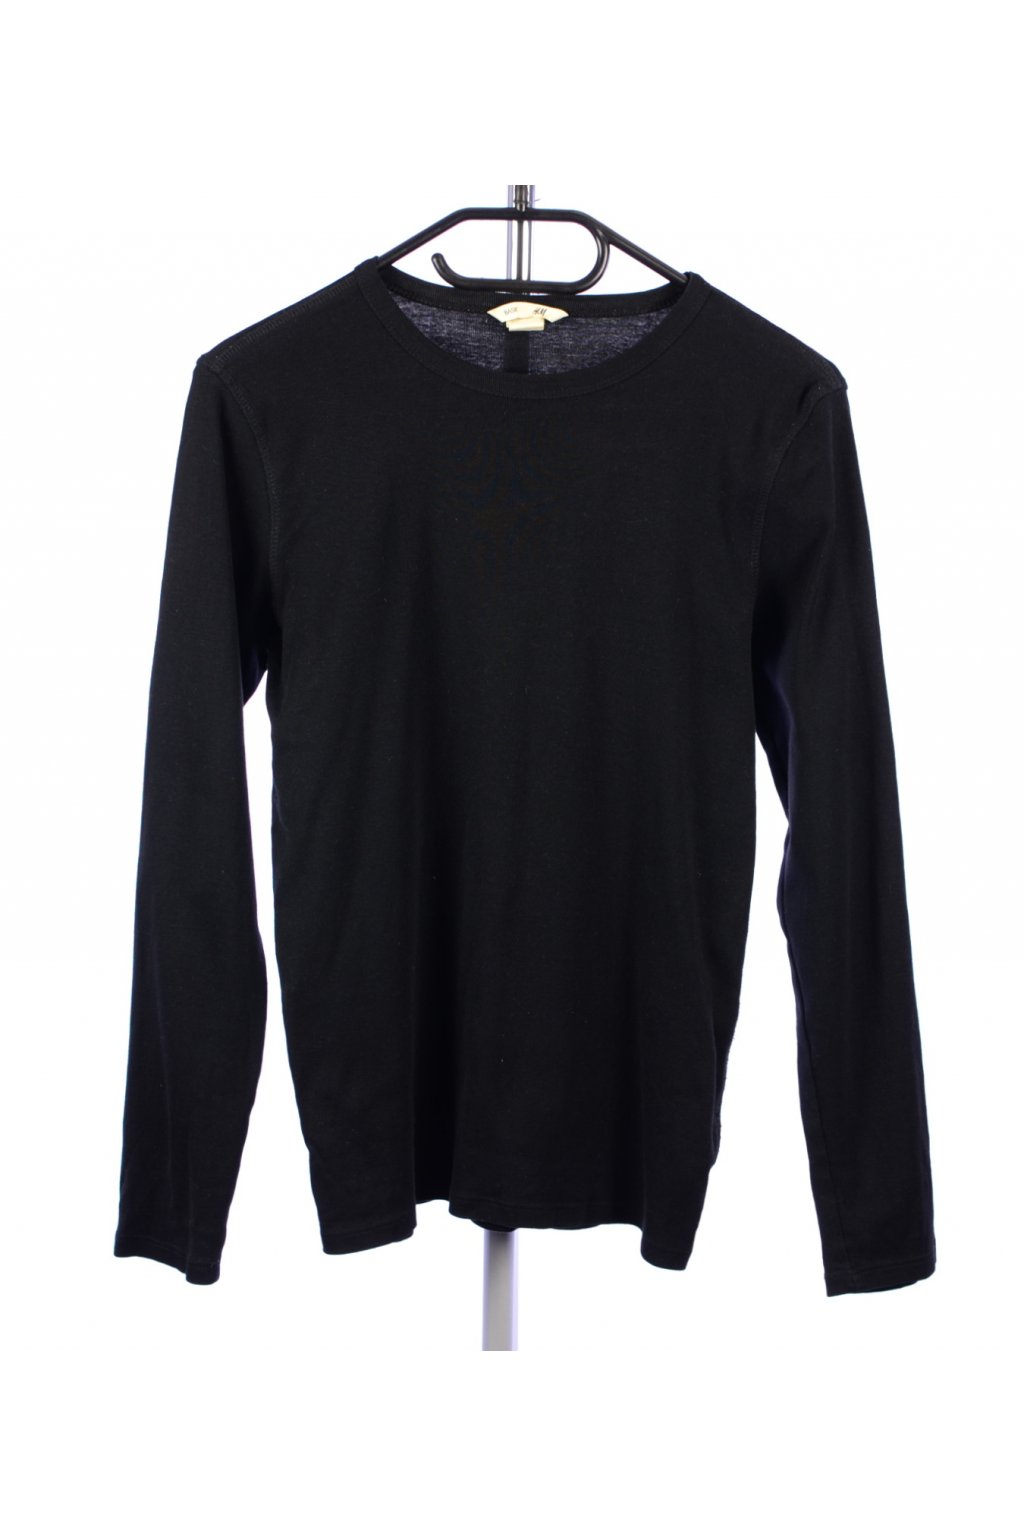 Tričko dlouhý rukáv H&M vel 170/14+ černé